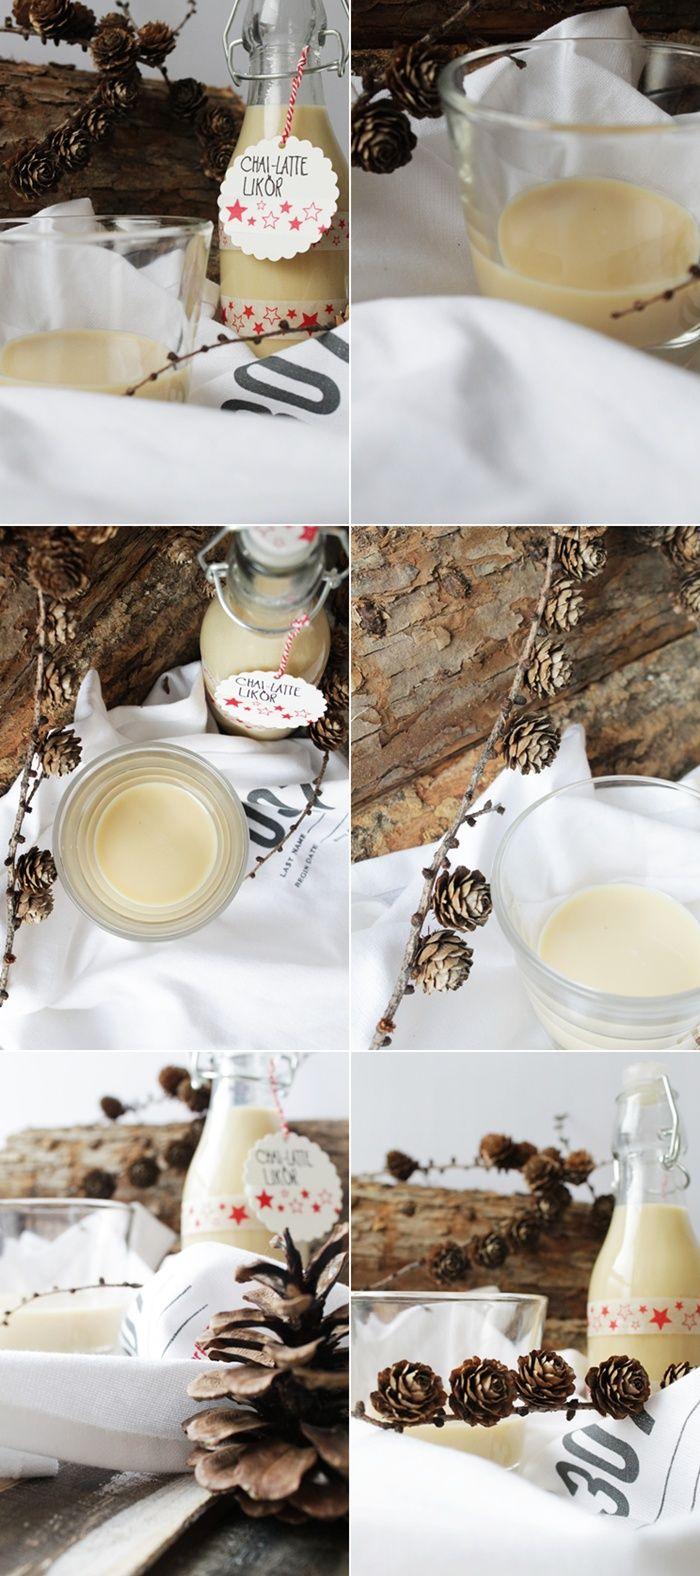 chai latte lik r hicks 400 ml chai sirup das rezept ist seit dem letzen jahr der renner 200. Black Bedroom Furniture Sets. Home Design Ideas